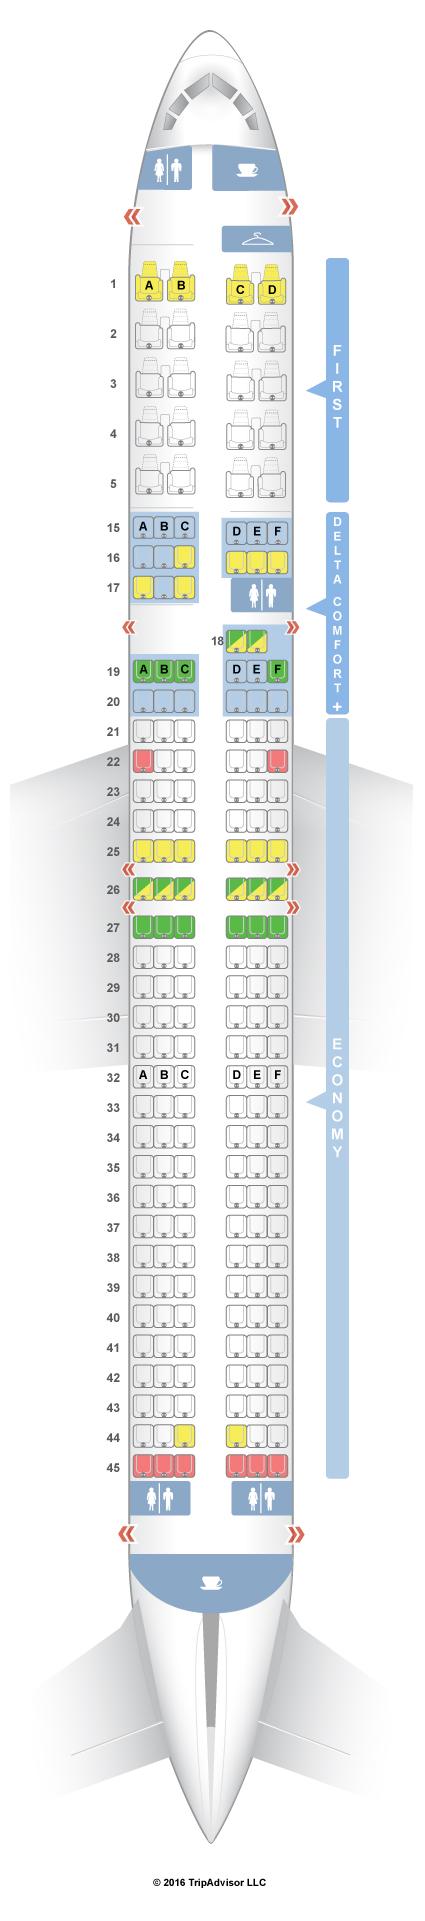 Seatguru seat map delta boeing 757 200 75d